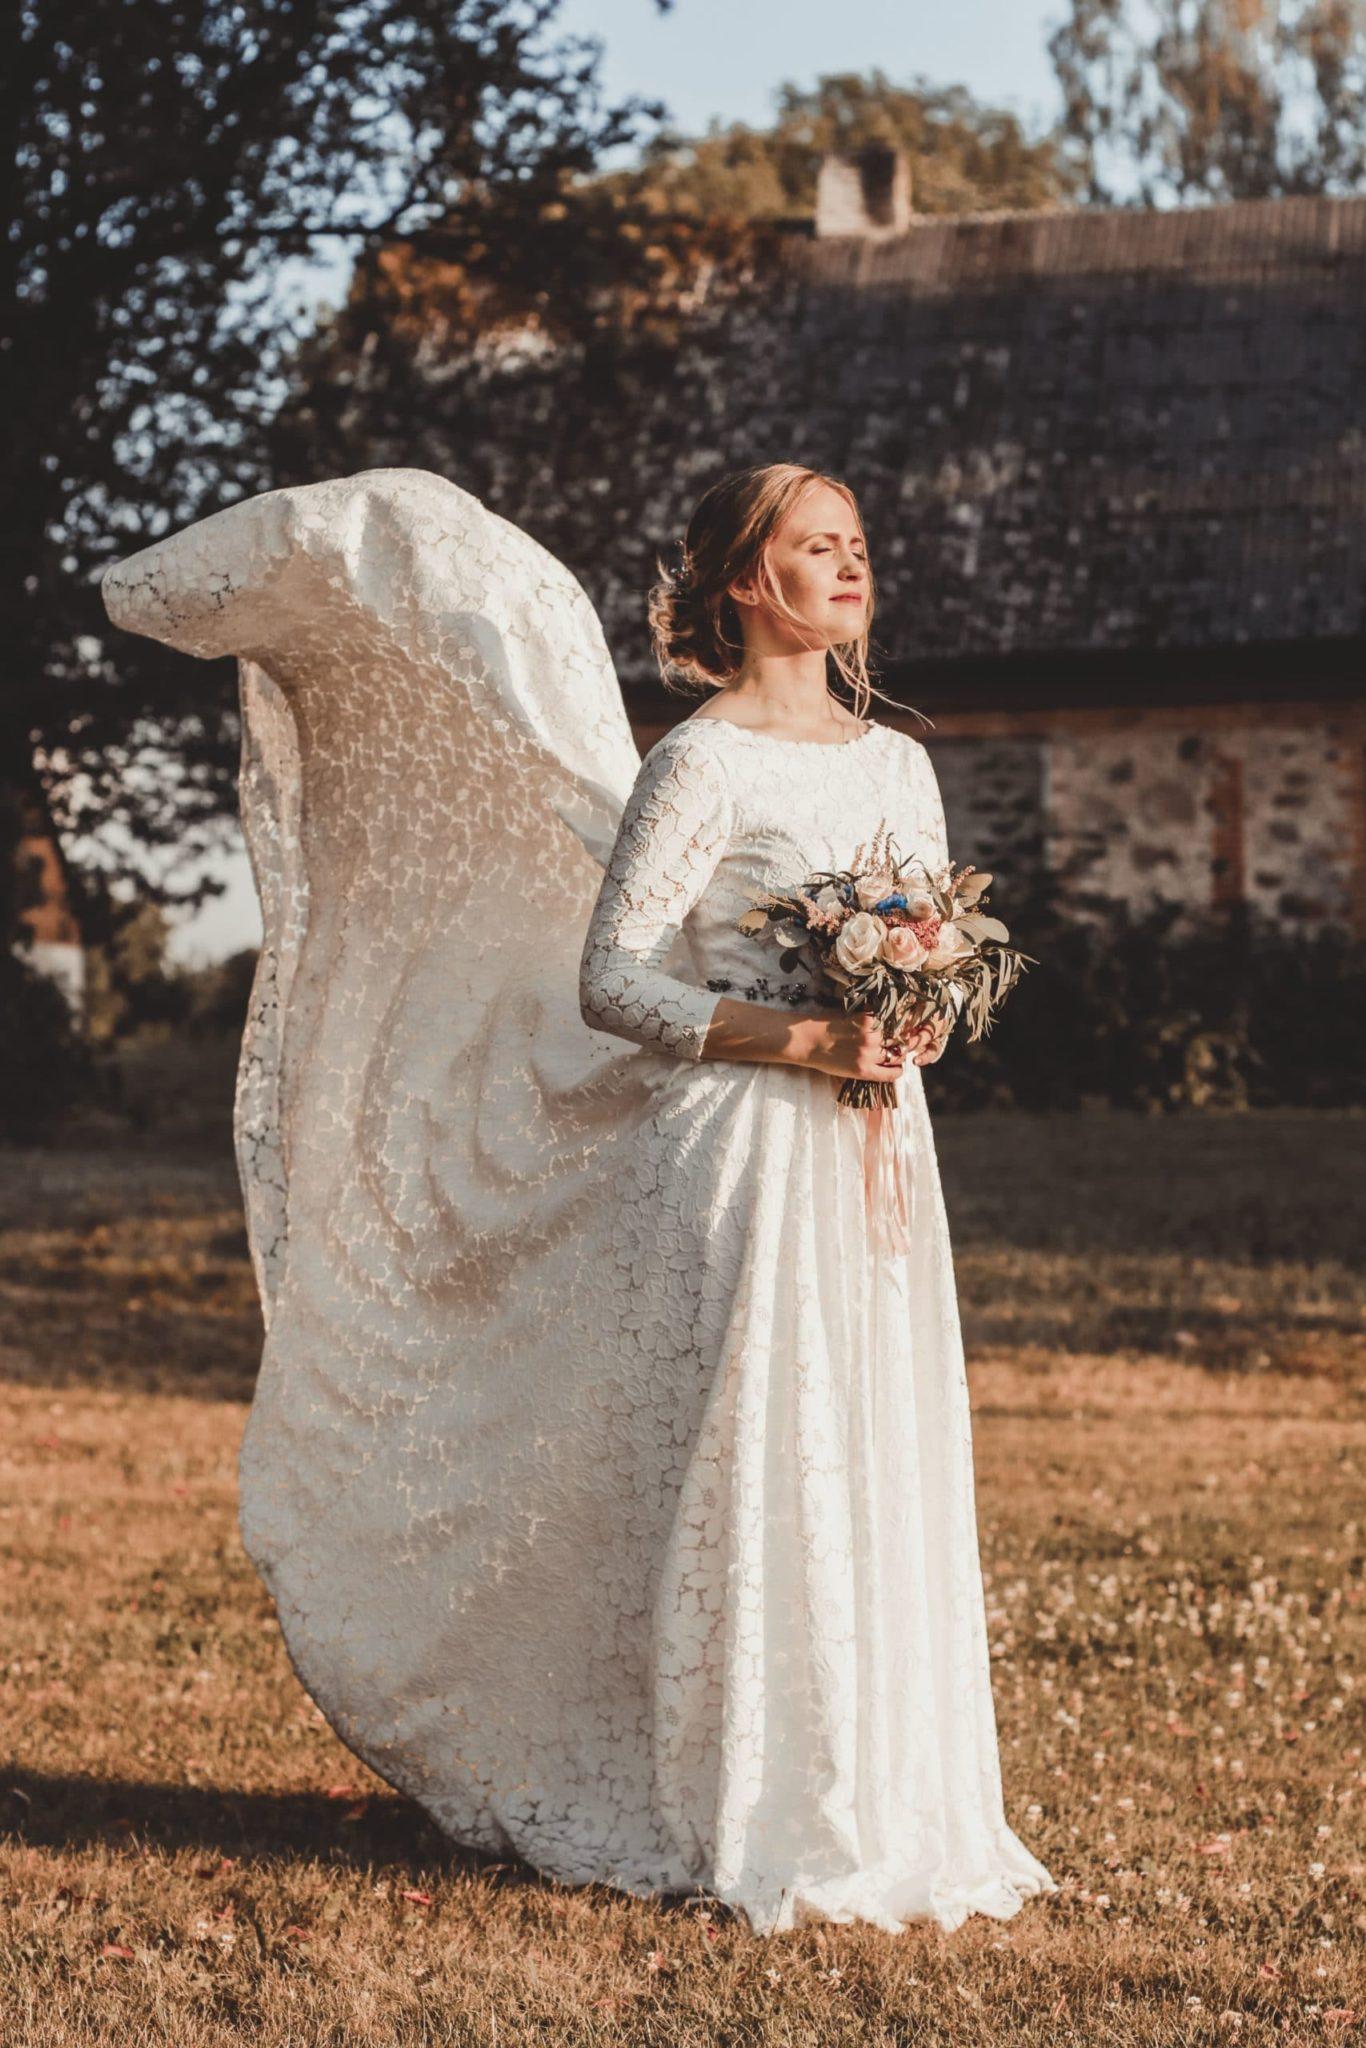 Amelia - Kāzu salons Atsauksmes - Zanes atsauksme